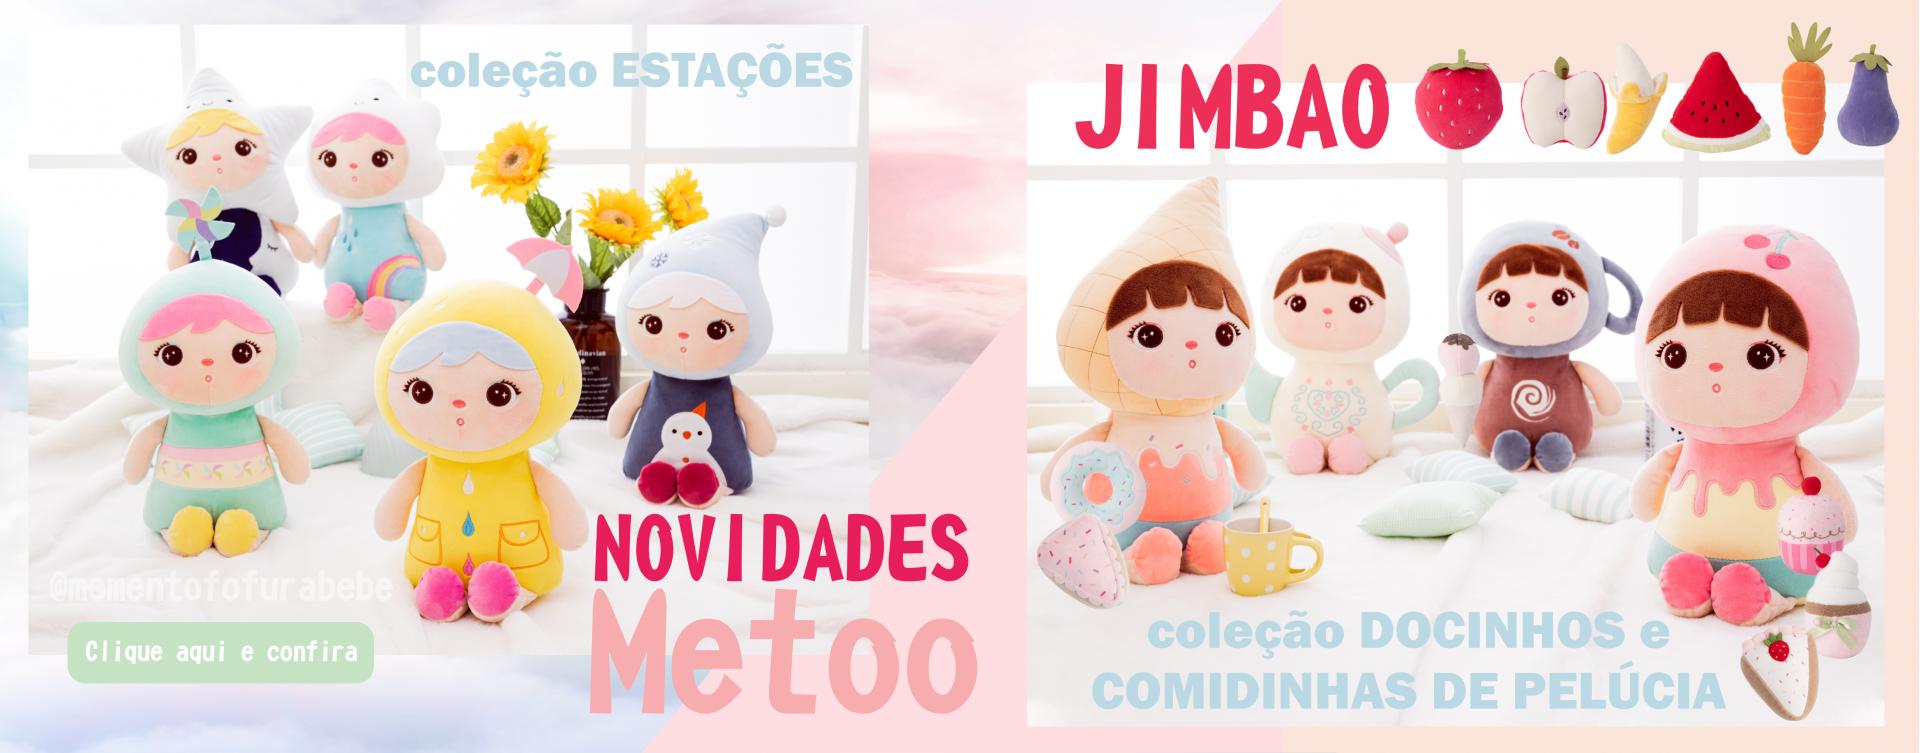 Jimbao